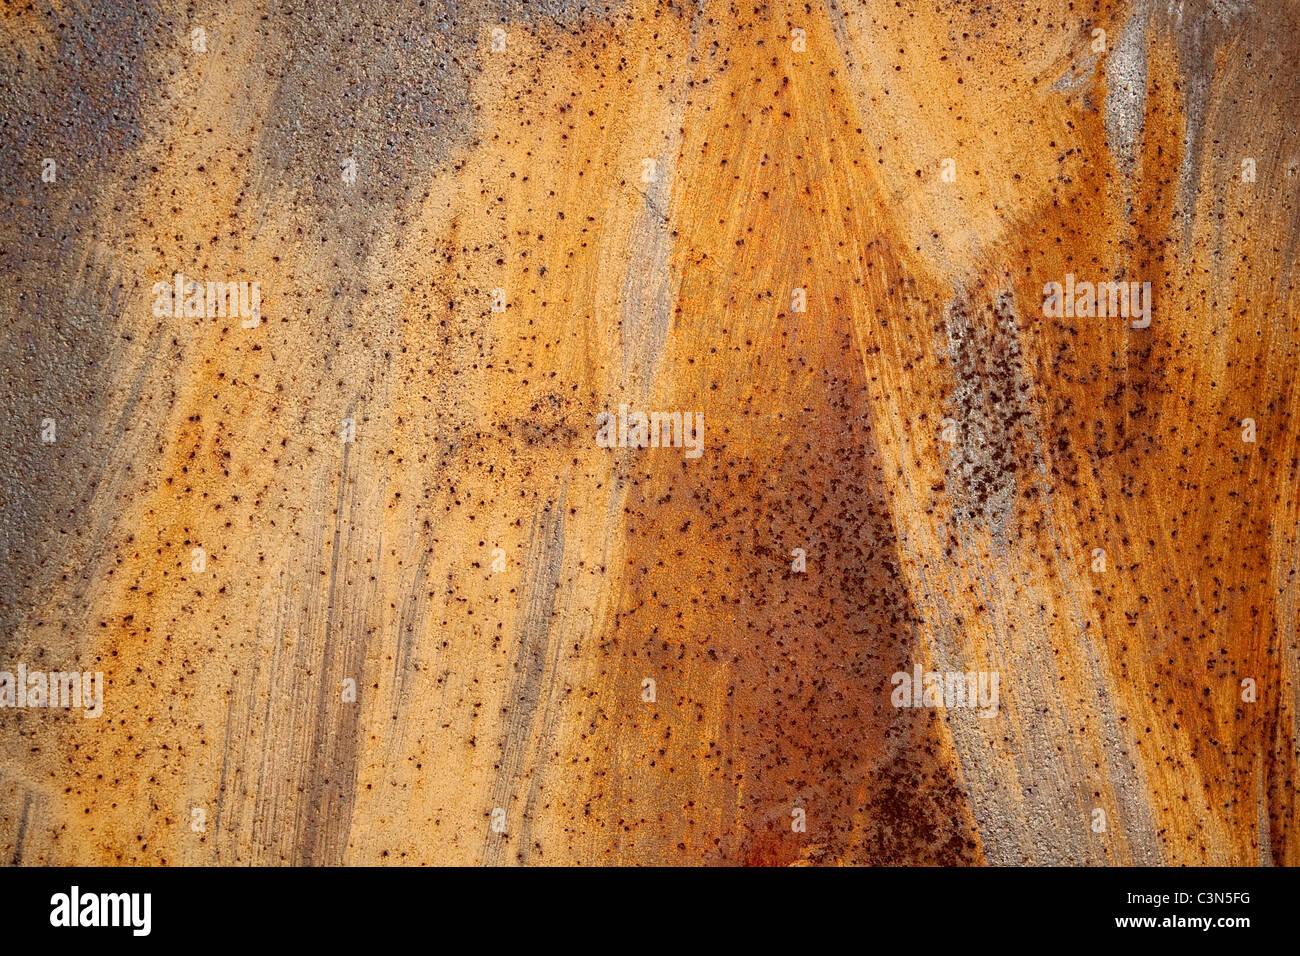 La fotografia mostra un arrugginito metall sfondo con superficie scrachted. Immagini Stock